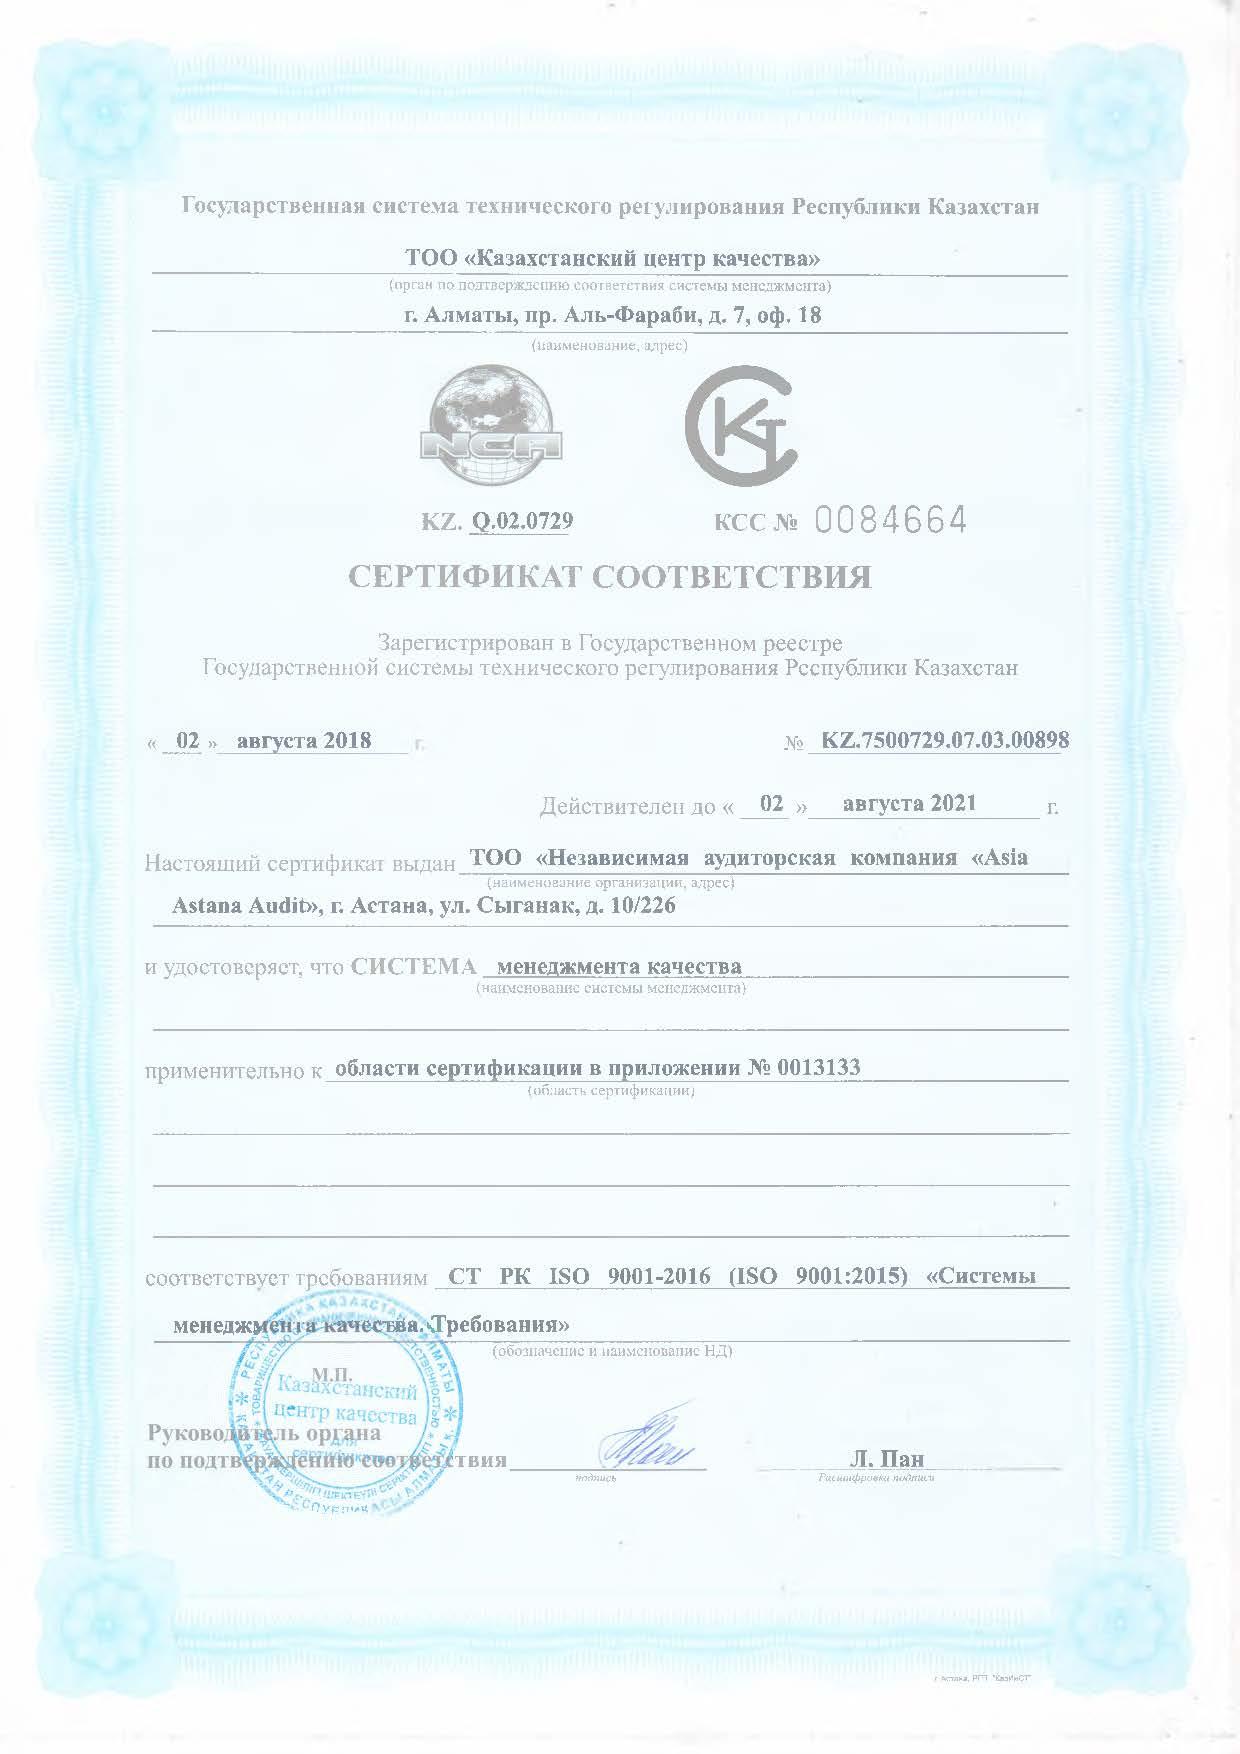 Ст рк исо 9001 2009 вакансии сертификация охрана труда